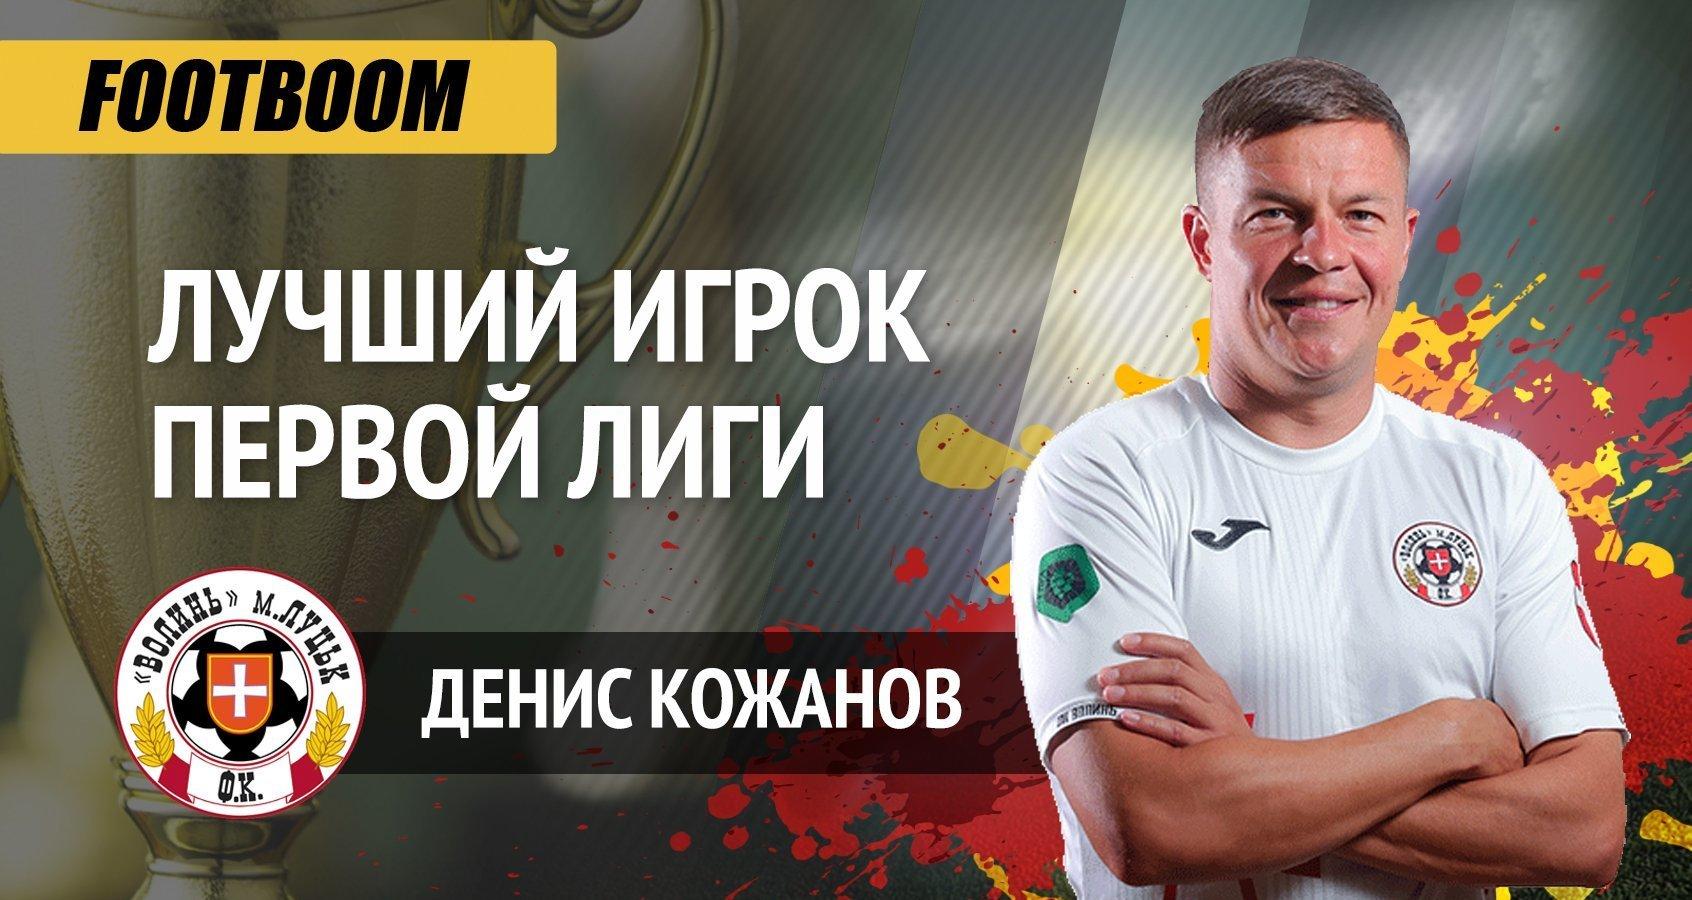 Денис Кожанов - лучший игрок первой лиги!